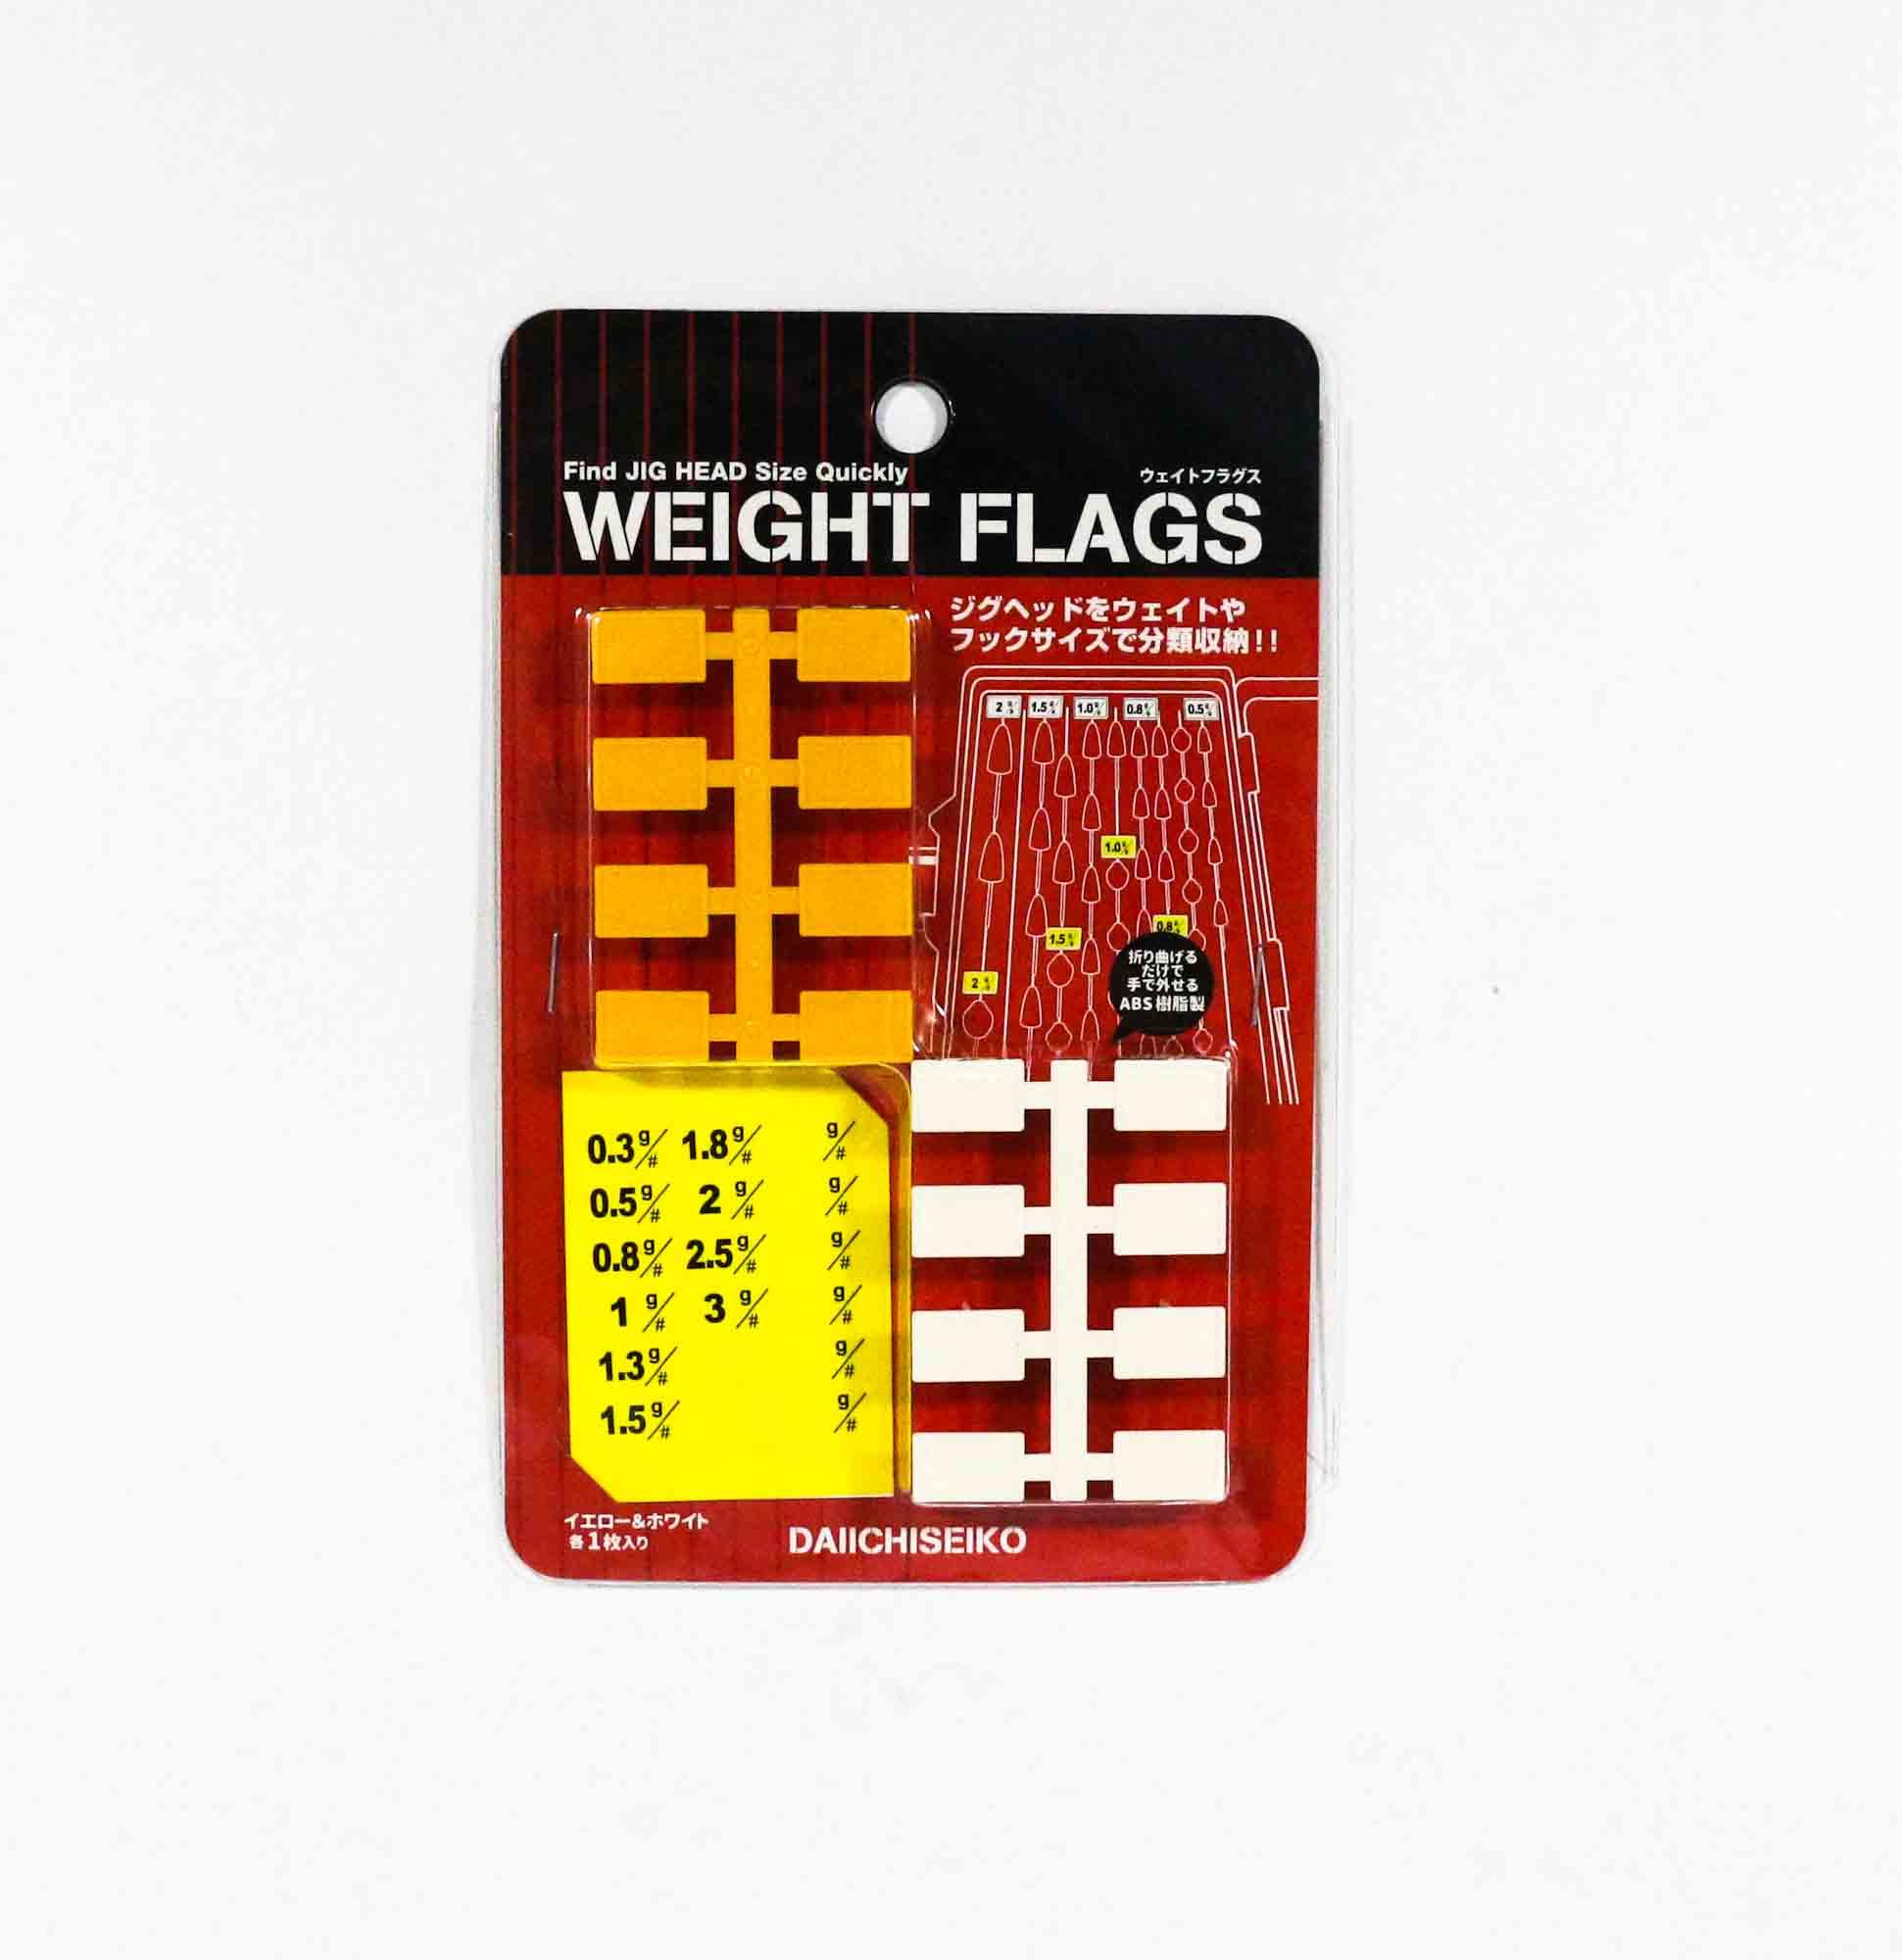 Daiichi #32163 Weight Flags for Slit Foam Case (1639)